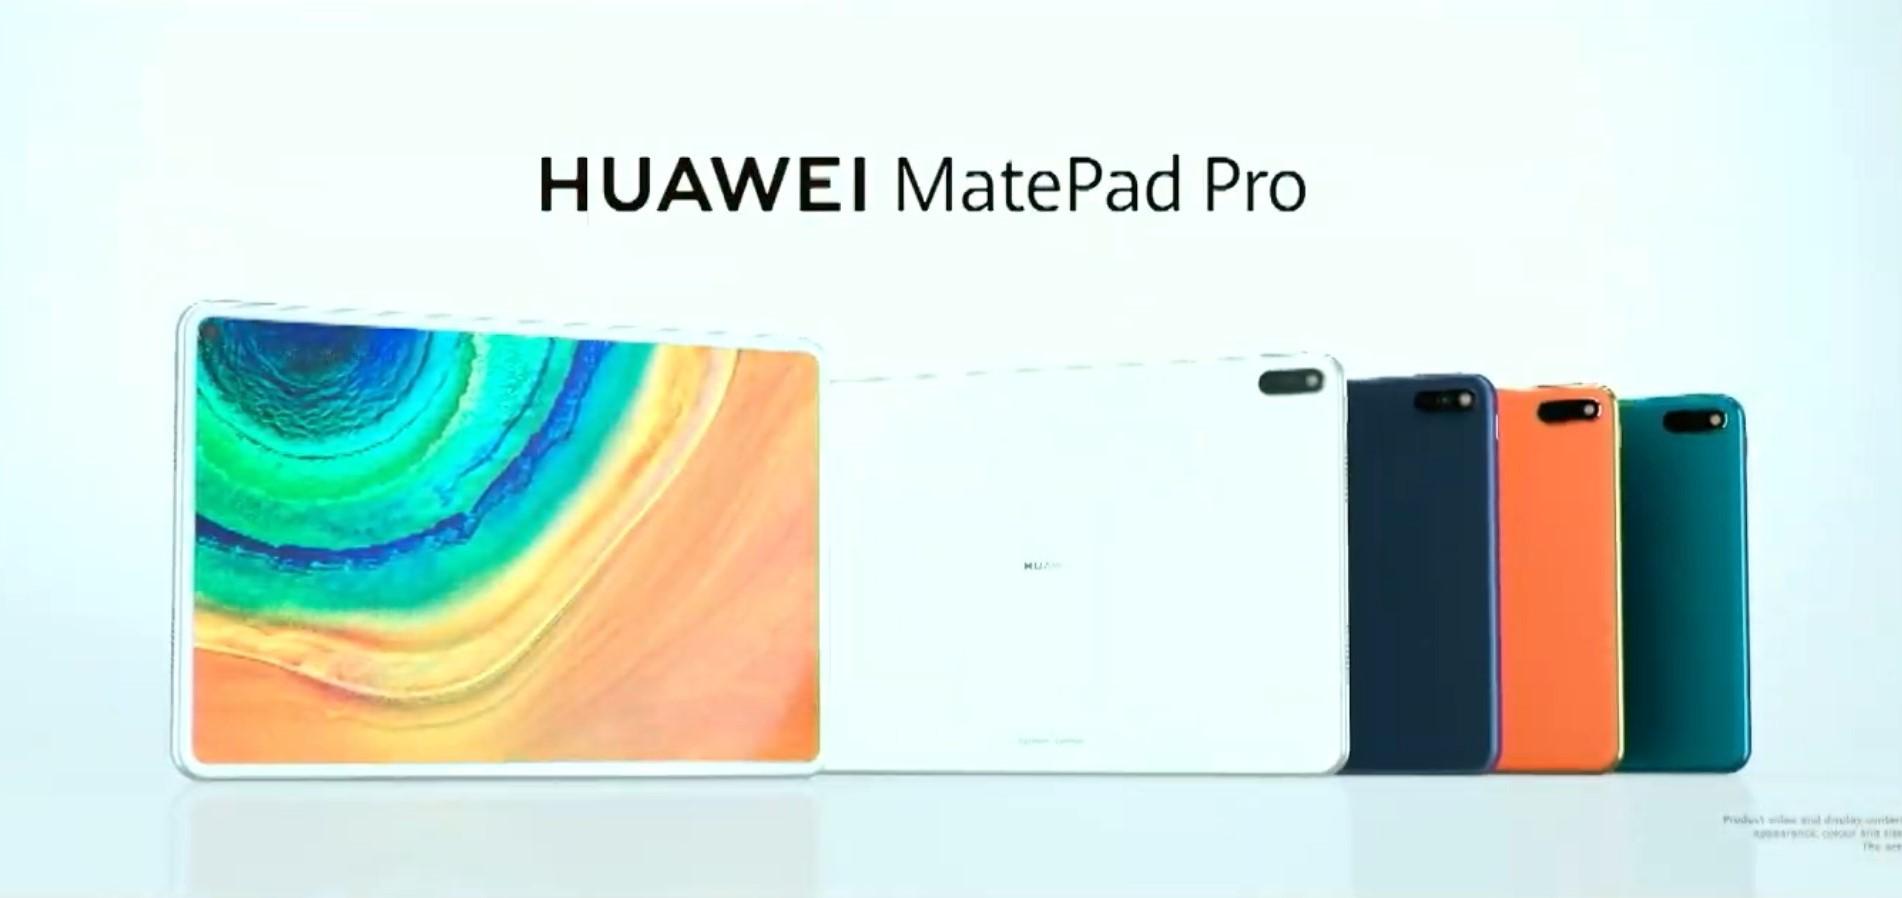 Huawei prezentuje MatePad Pro 5G - pierwszy tablet z ładowaniem bezprzewodowym 24